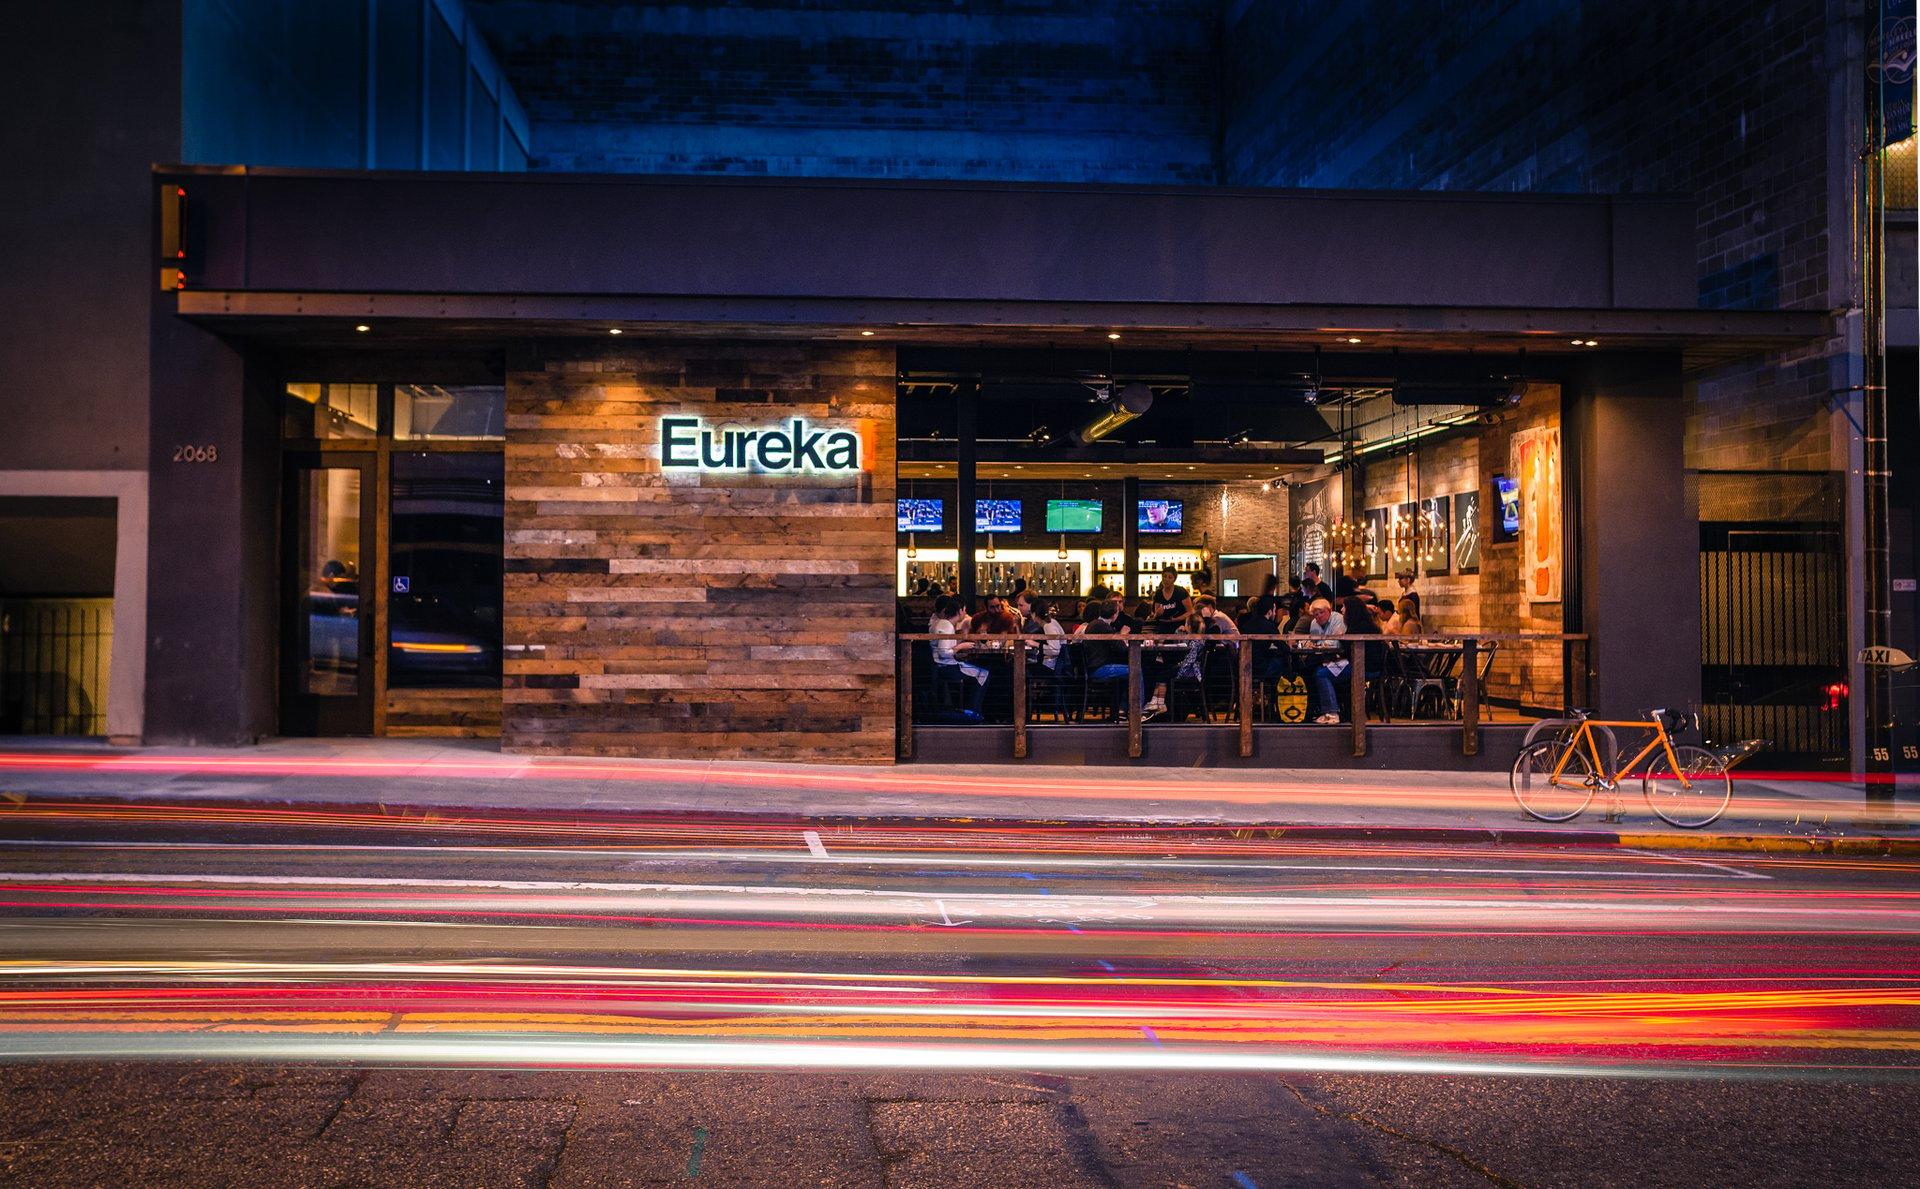 eureka-berkeley-splash